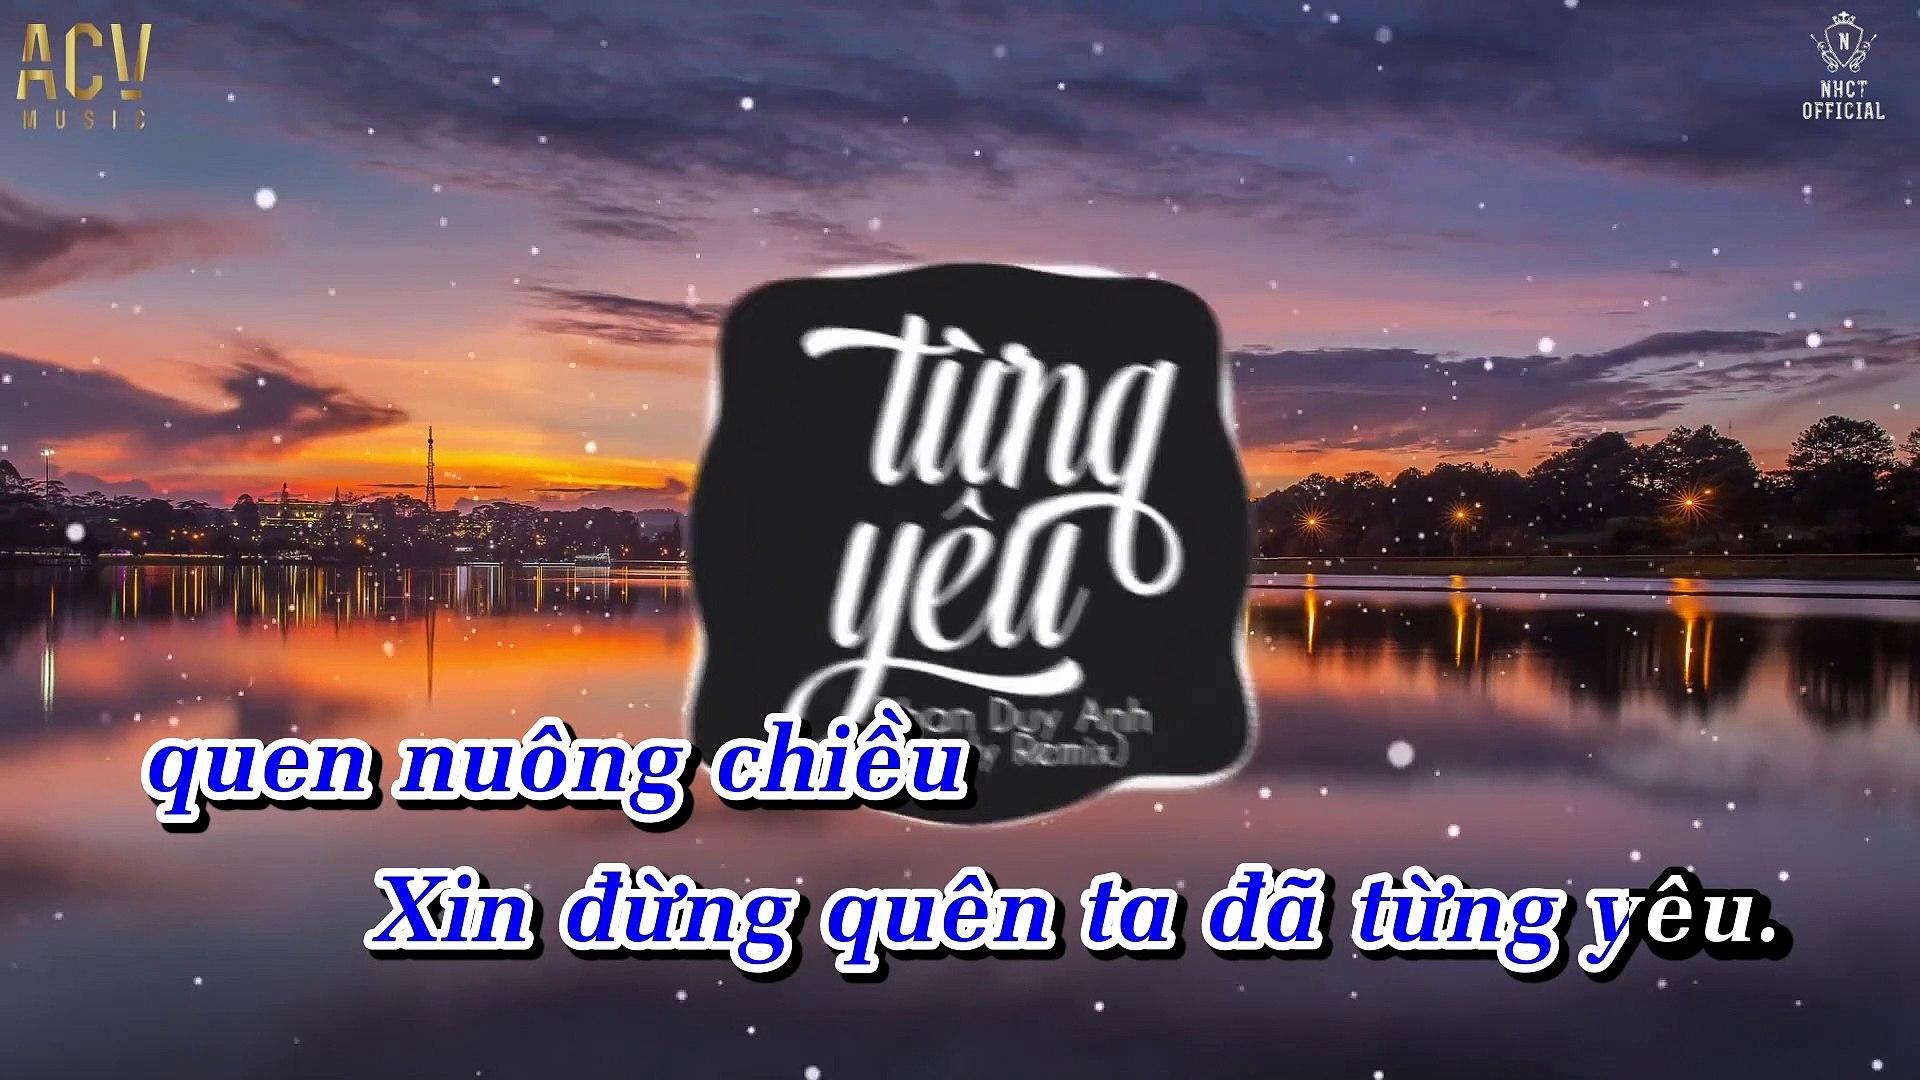 [Karaoke] Từng Yêu (Andy Remix) - Phan Duy Anh [Beat]